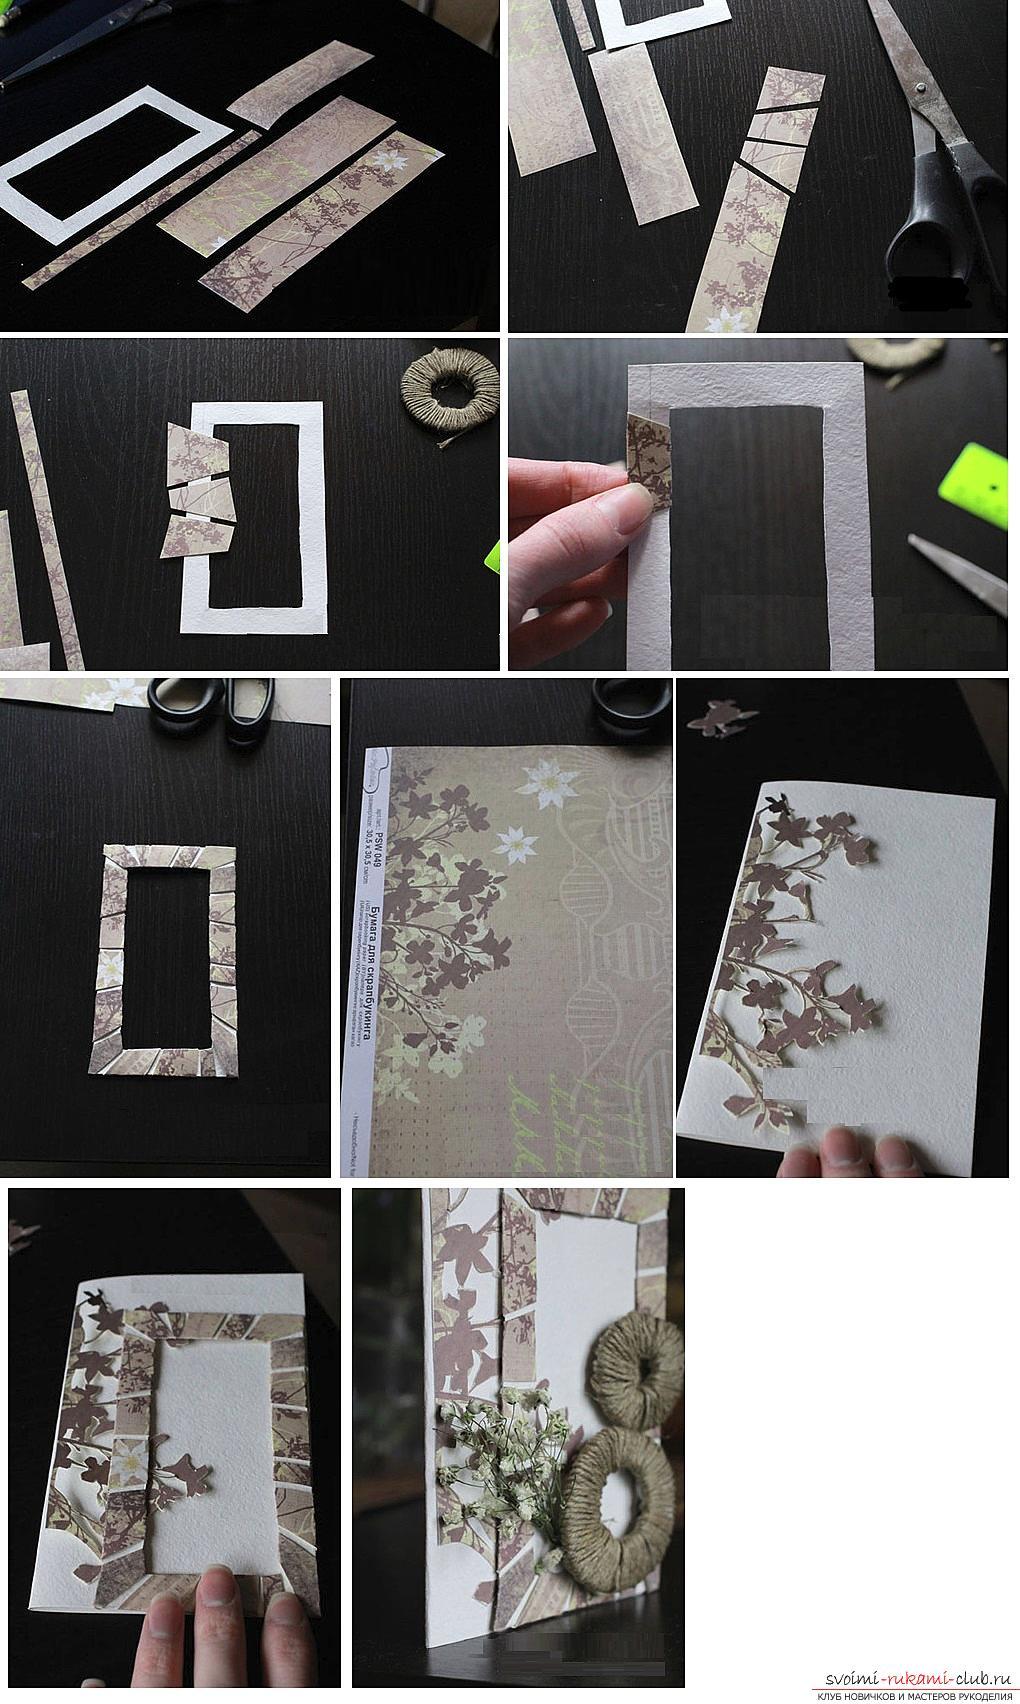 Как сделать оригинальные поделки к весеннему празднику женщин - 8 Марта, пошаговые фото создания рамки для фото, топиария, поделки в стиле свит дизайн и букета из огромных роз из гофрированной бумаги. Фото №17